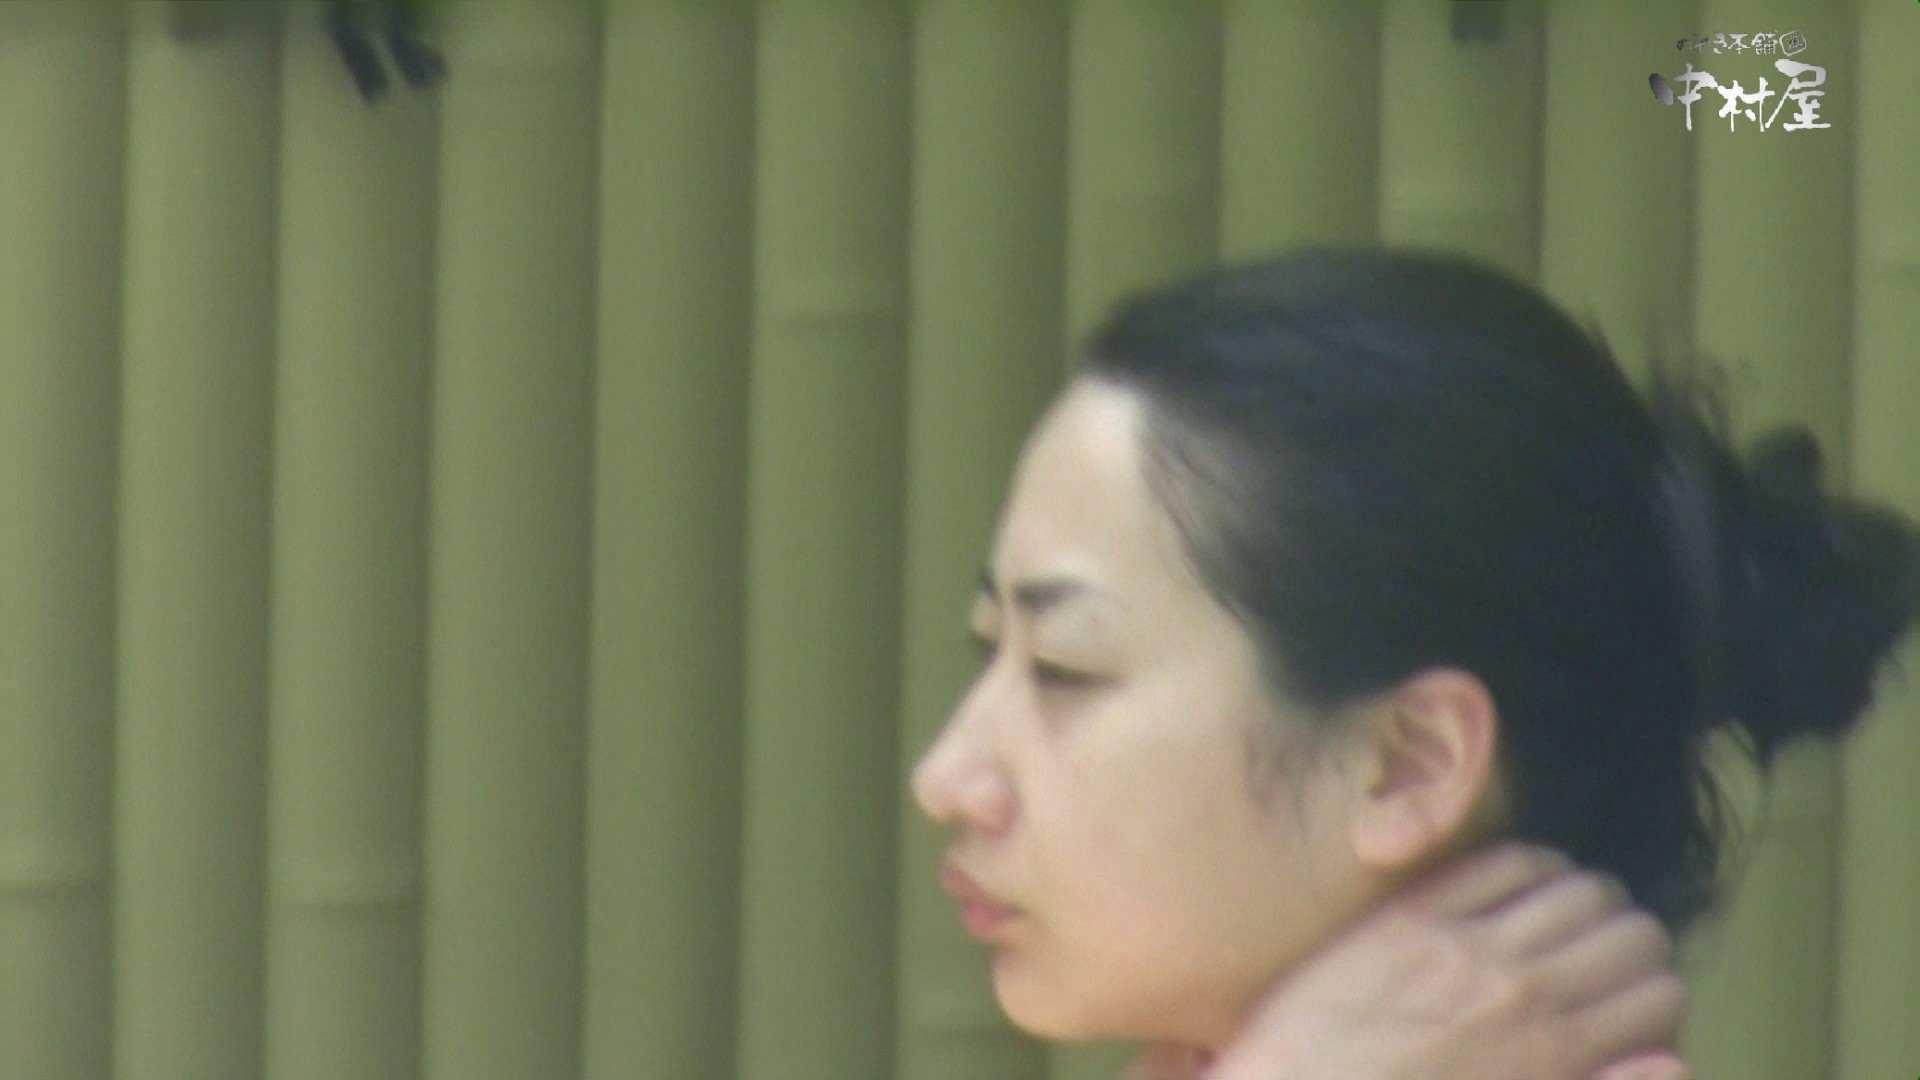 Aquaな露天風呂Vol.888 いやらしいOL オマンコ動画キャプチャ 85連発 32